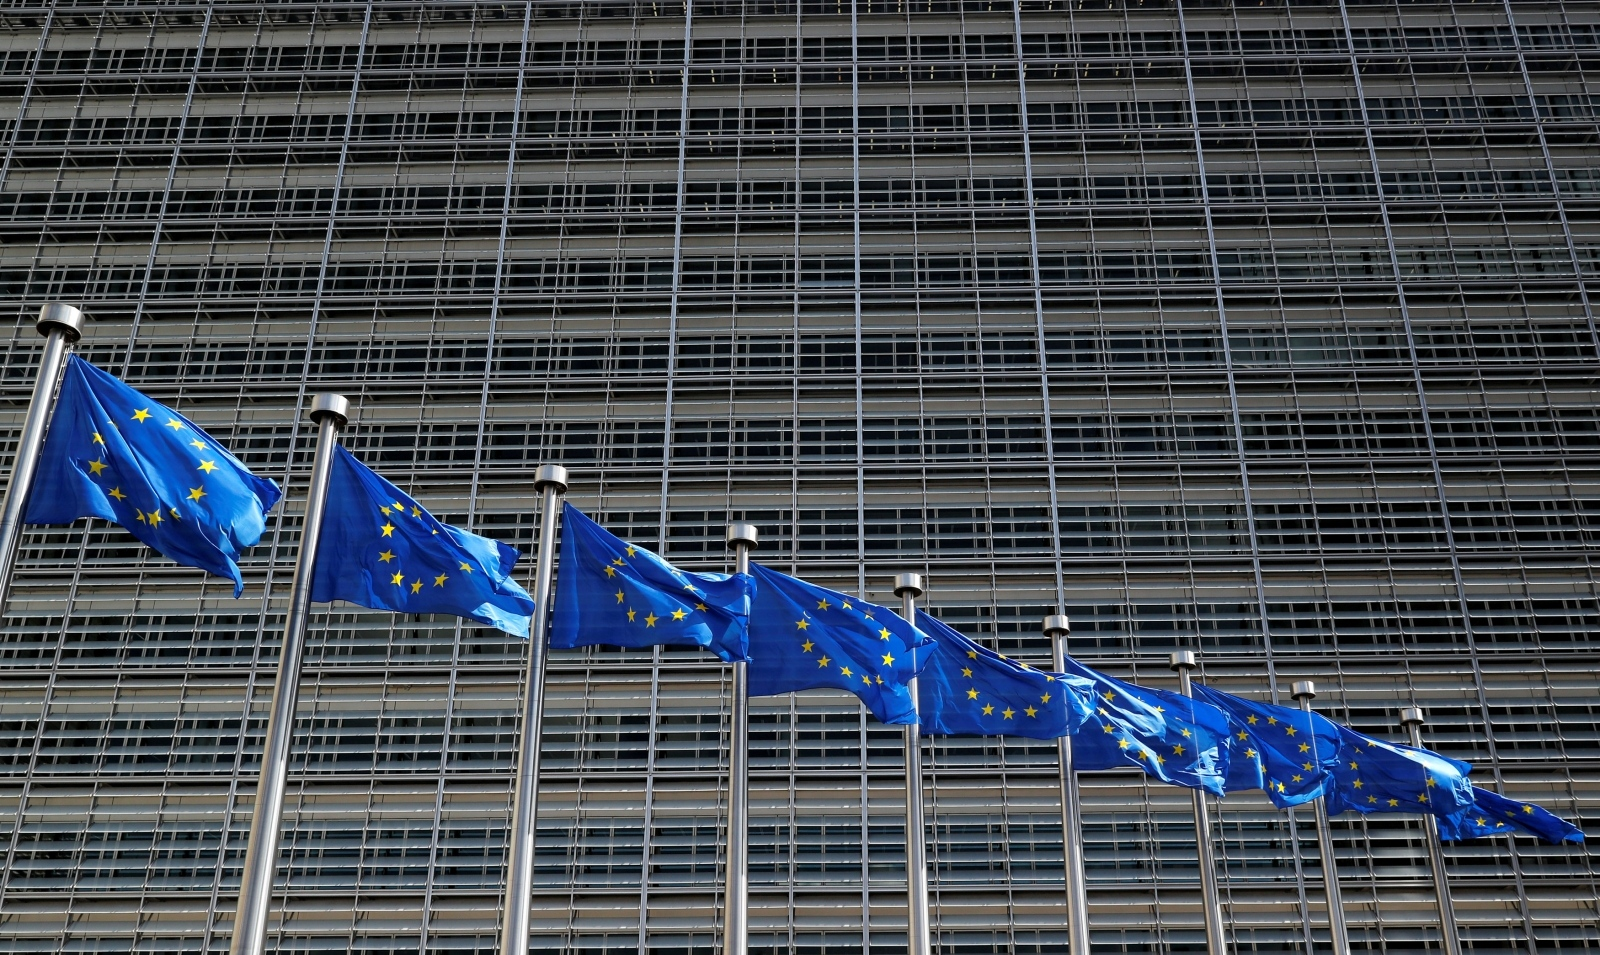 Srbija u prosincu otvara tri poglavlja u pregovorima s EU